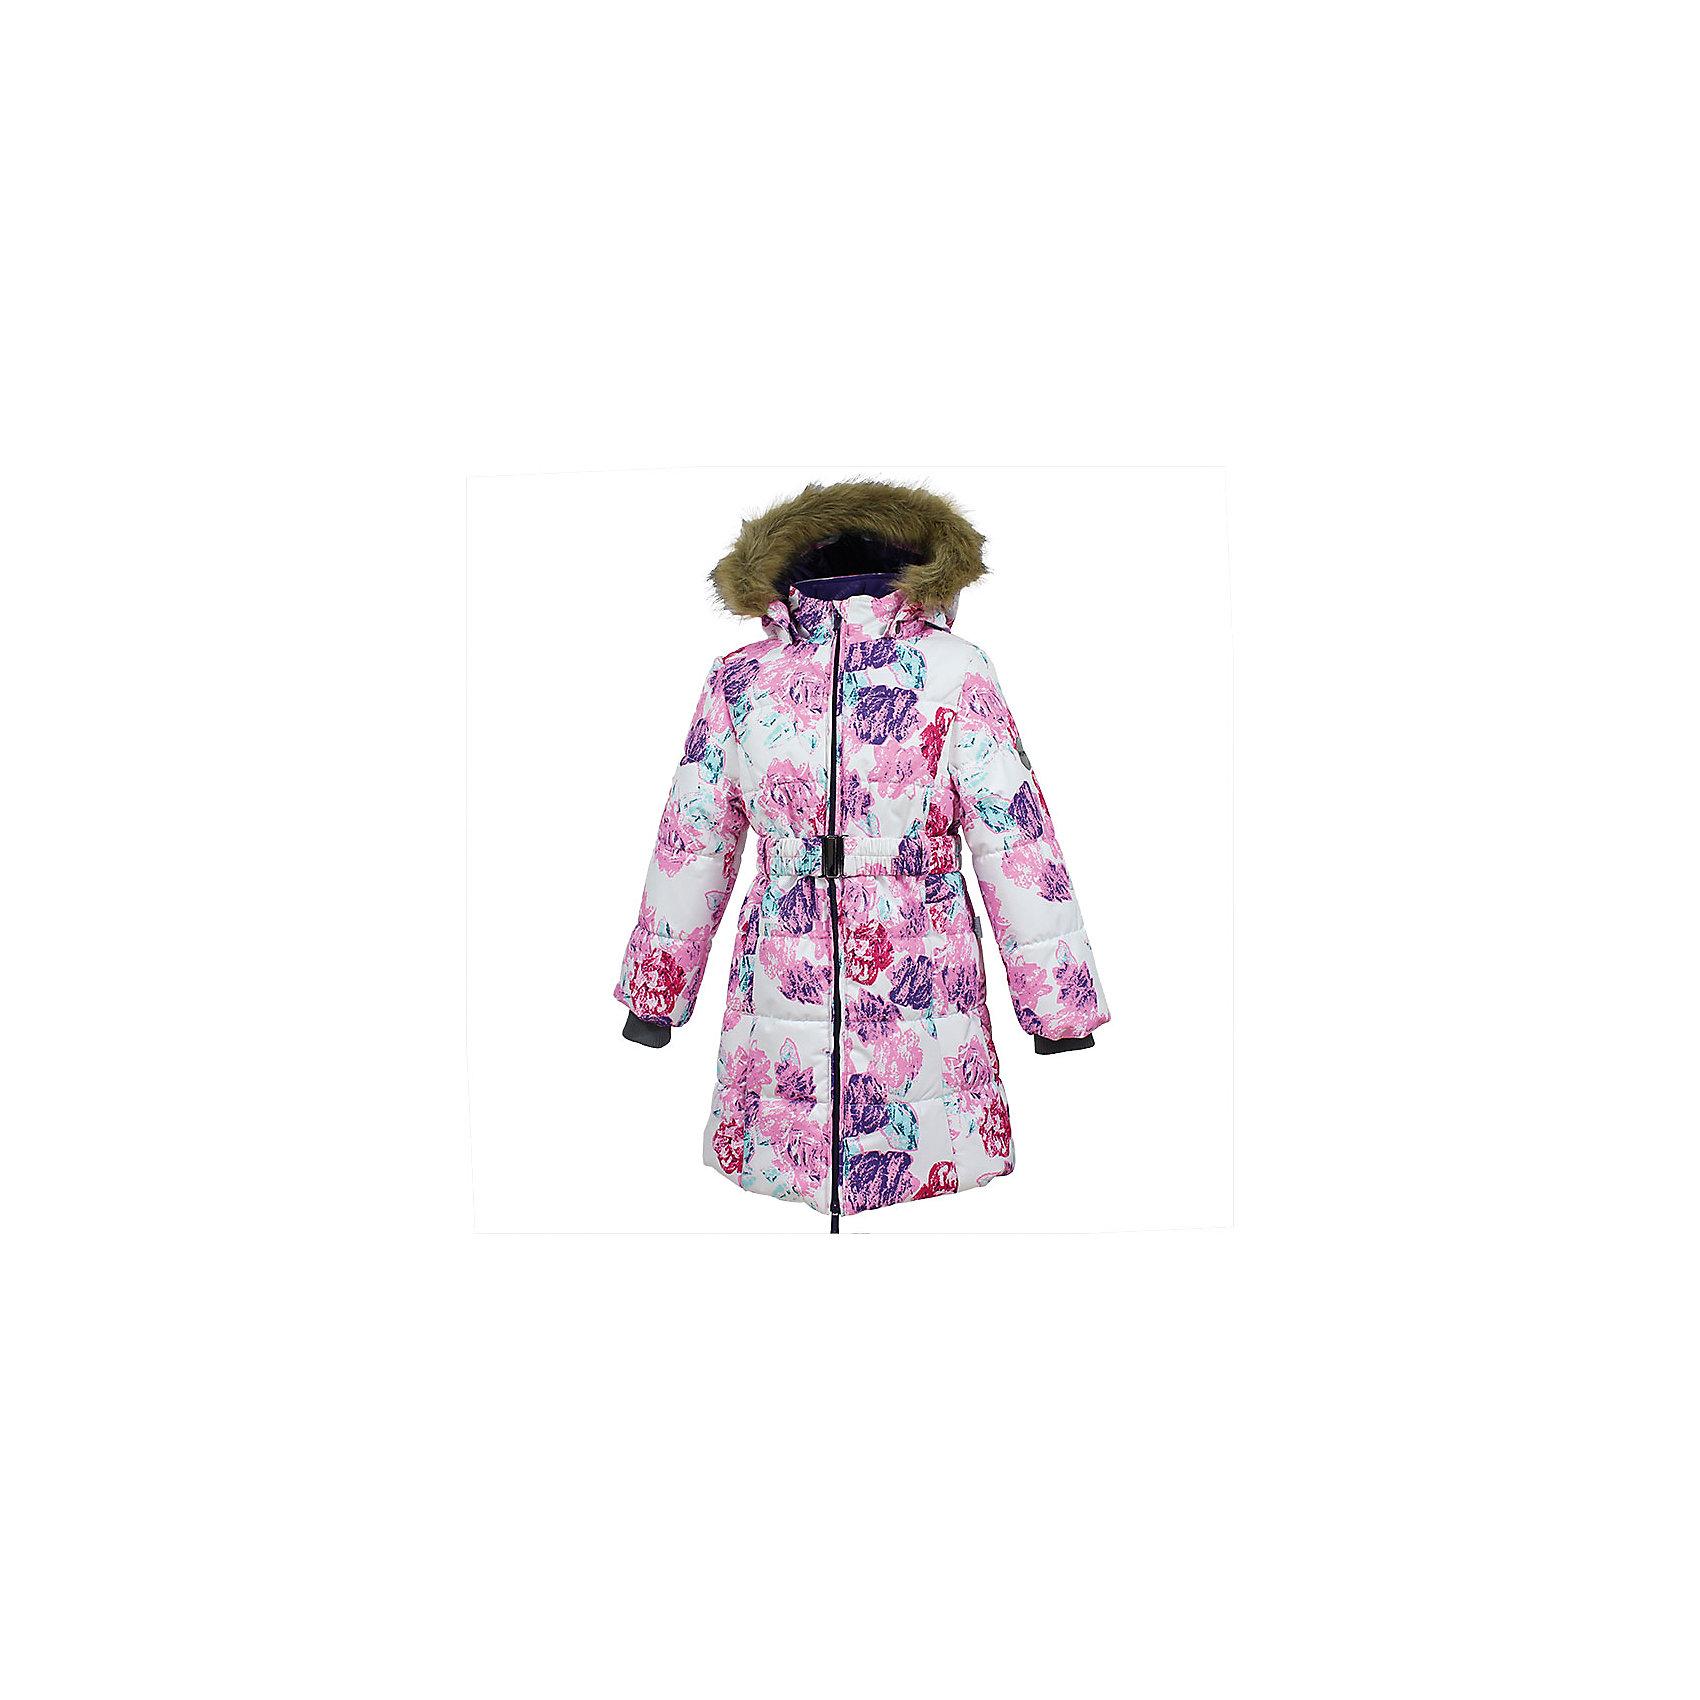 Пальто YACARANDA Huppa для девочкиВерхняя одежда<br>Куртка для девочек YACARANDA.Водо и воздухонепроницаемость 10 000. Утеплитель 300 гр. Подкладка тафта, флис 100% полиэстер. Отстегивающийся капюшон с мехом. Внутренний манжет рукава.Вязаные детали.Двухсторонняя молния. Имеются светоотражательные детали.<br>Состав:<br>100% Полиэстер<br><br>Ширина мм: 356<br>Глубина мм: 10<br>Высота мм: 245<br>Вес г: 519<br>Цвет: белый<br>Возраст от месяцев: 168<br>Возраст до месяцев: 180<br>Пол: Женский<br>Возраст: Детский<br>Размер: 170,104,110,116,122,128,134,140,146,152,158,164<br>SKU: 7027453